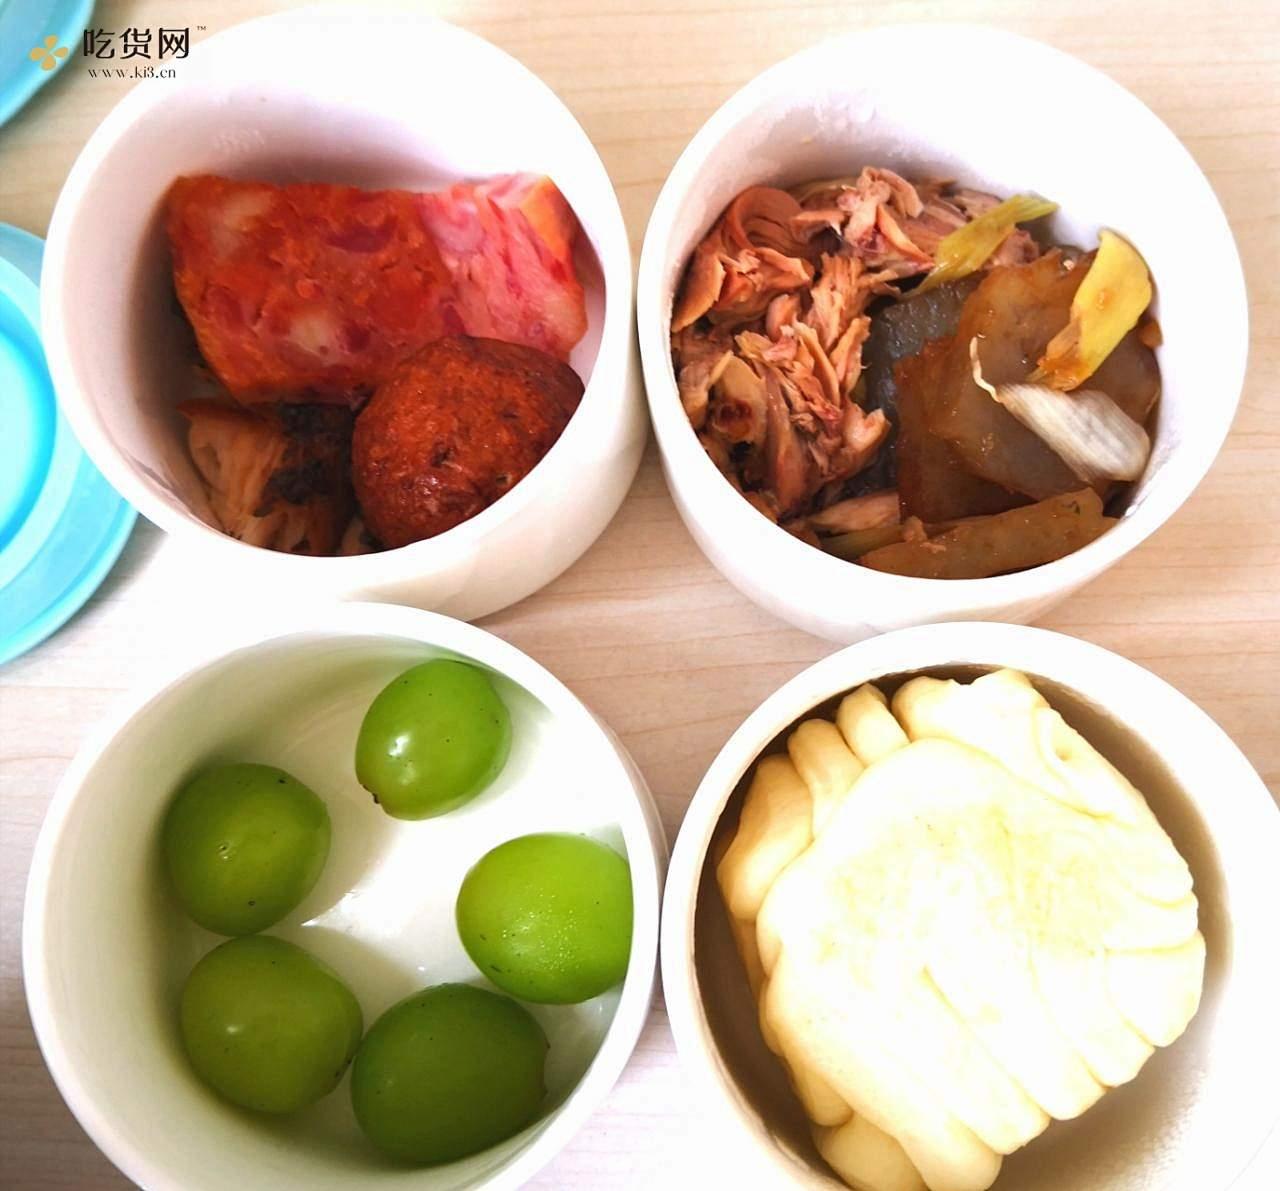 电饭盒 蒸饭 蒸菜 便当 减肥餐 低油的做法 步骤7